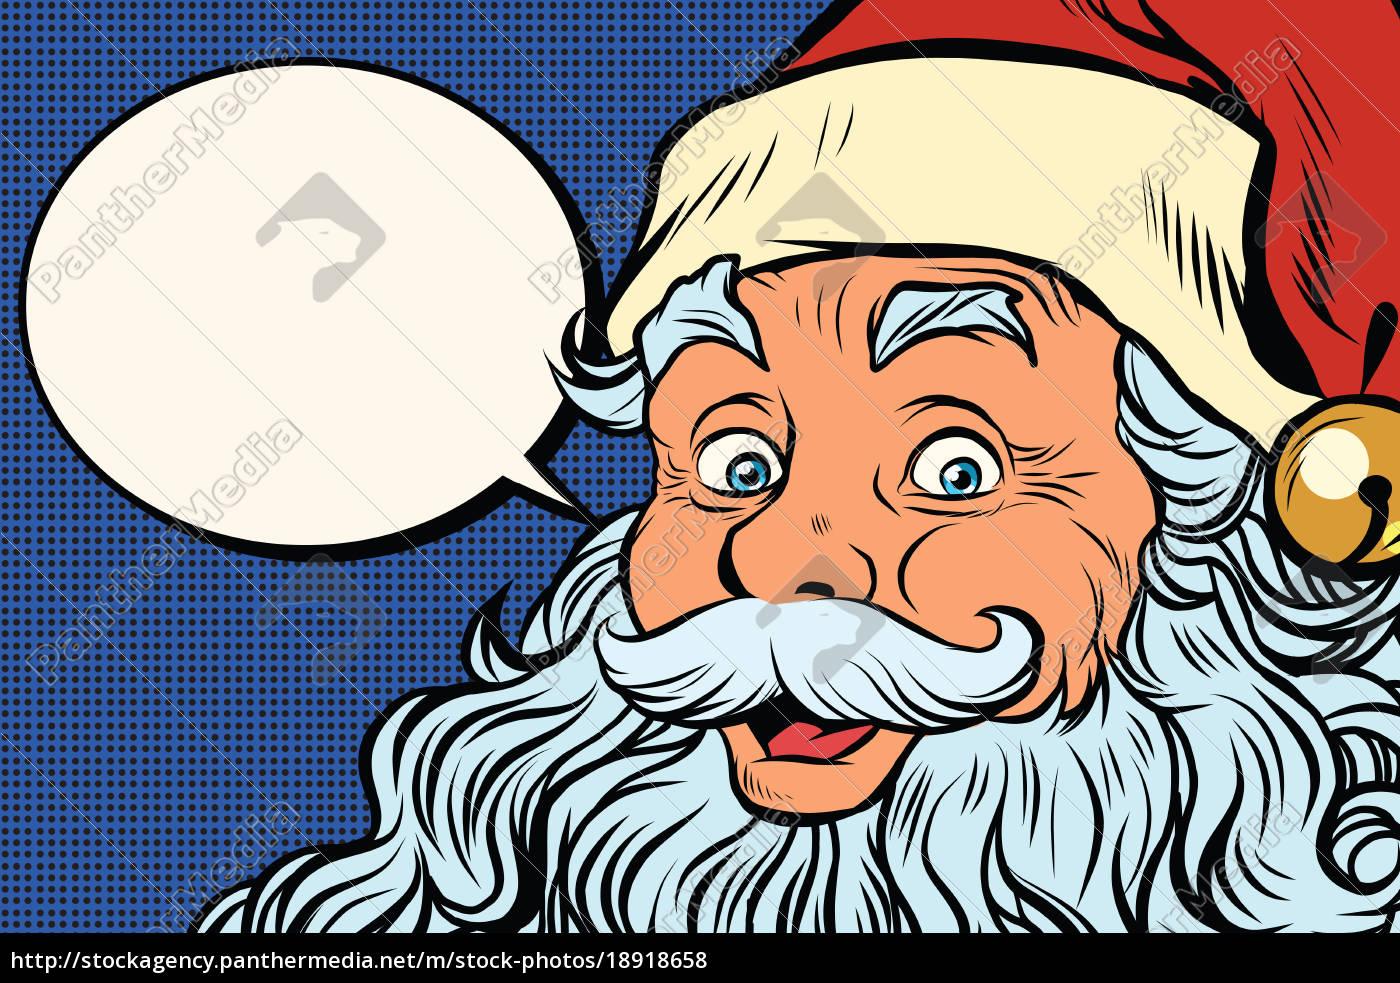 Stock Bild 18918658 - Weihnachtsmann Erzählt Comic Blase innen Comic Weihnachtsmann